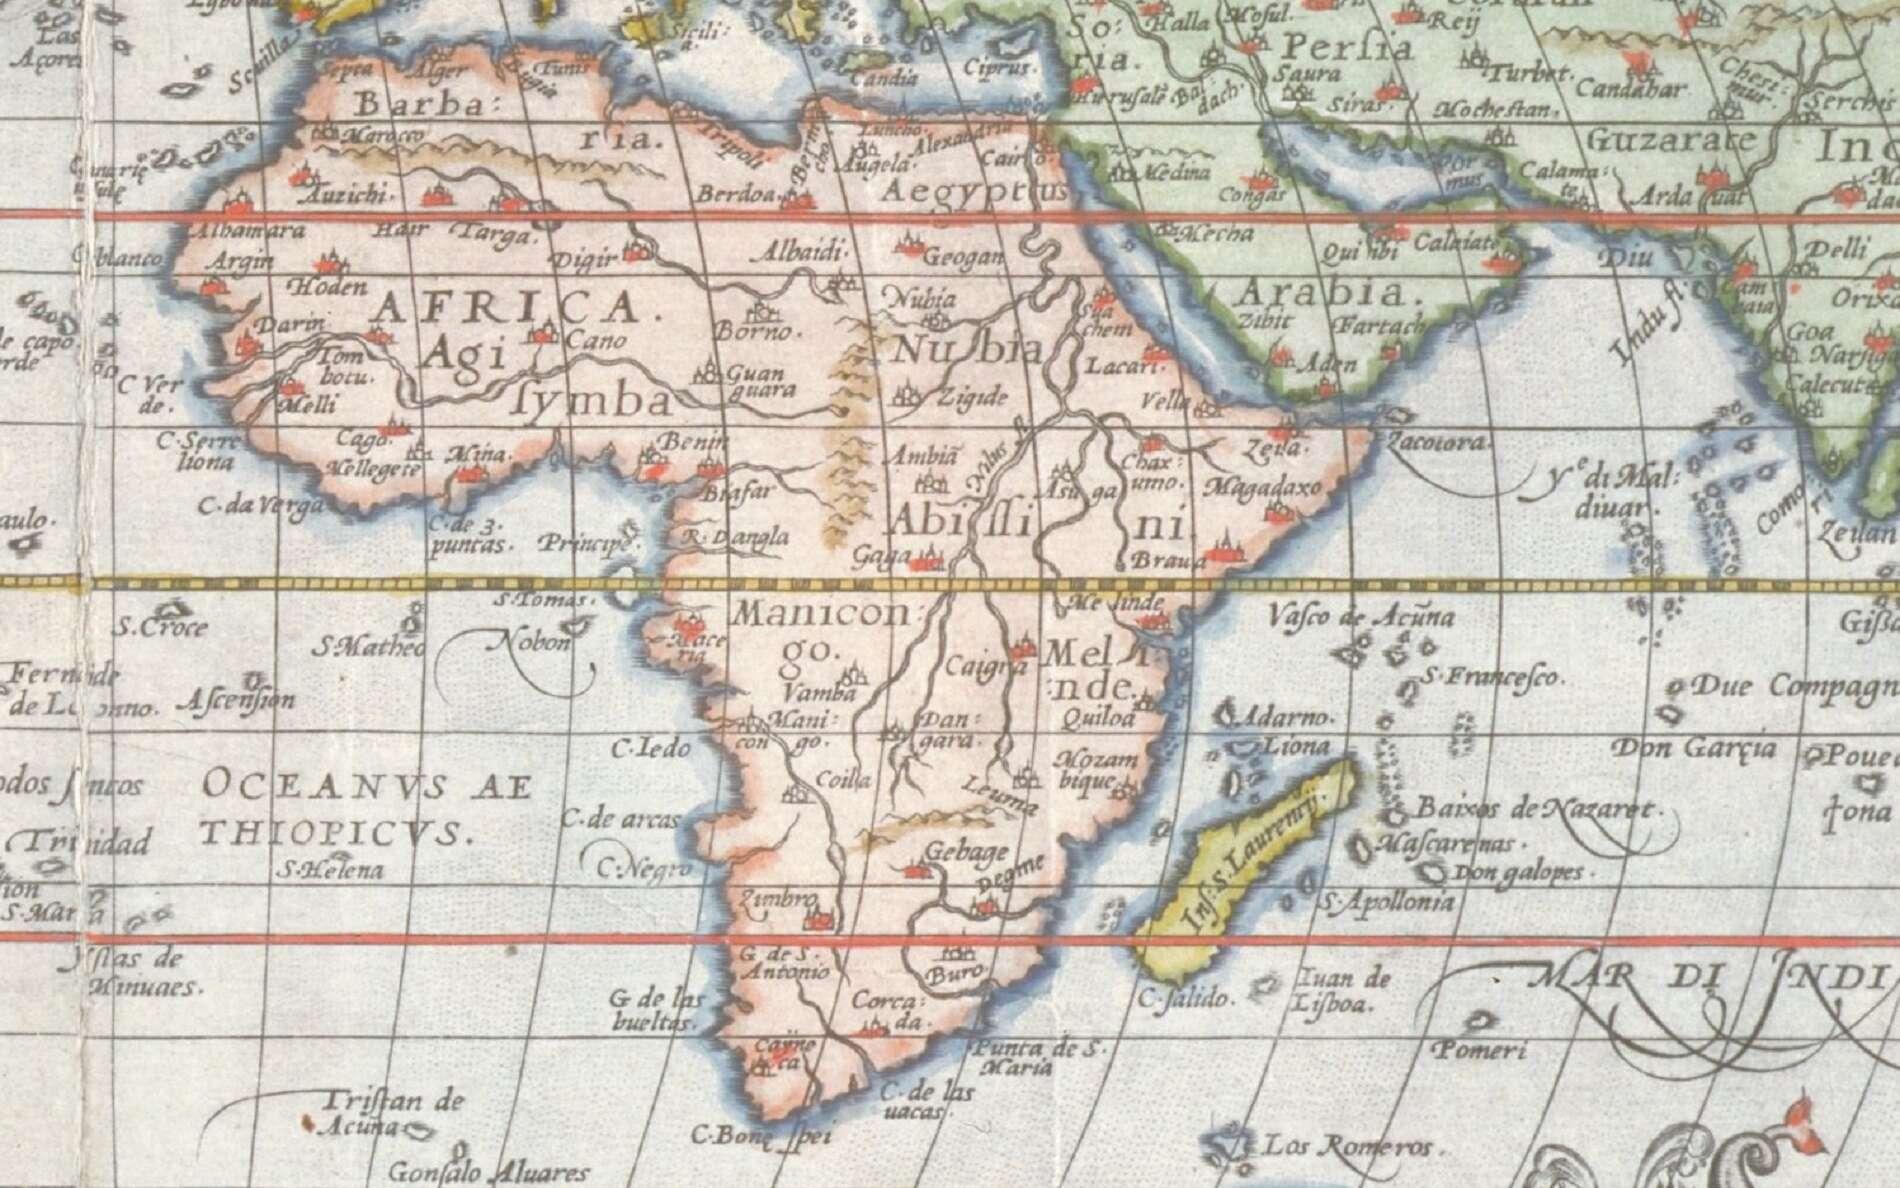 Agrandissement sur l'Afrique à partir de la mappemonde d'Abraham Ortelius, réalisée en 1570, extraite du « Theatrum Orbis Terrarum ». The Minnich Collection the Ethel Morrison Van Derlip Fund, 1966. © Domaine public